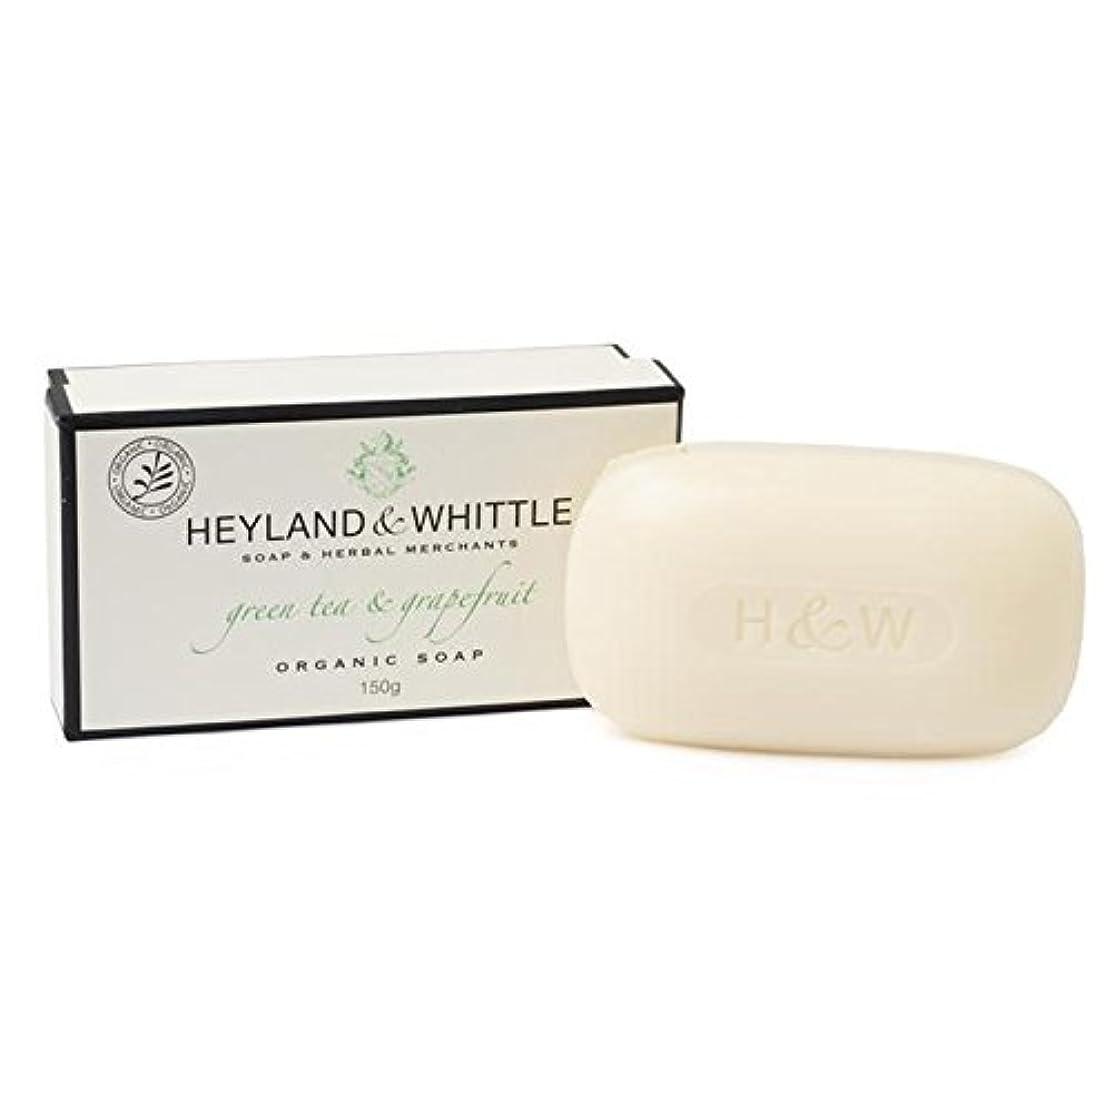 Heyland & Whittle Green Tea & Grapefruit Boxed Organic Soap 150g (Pack of 6) - &削る緑茶&グレープフルーツはオーガニックソープ150グラム箱入...